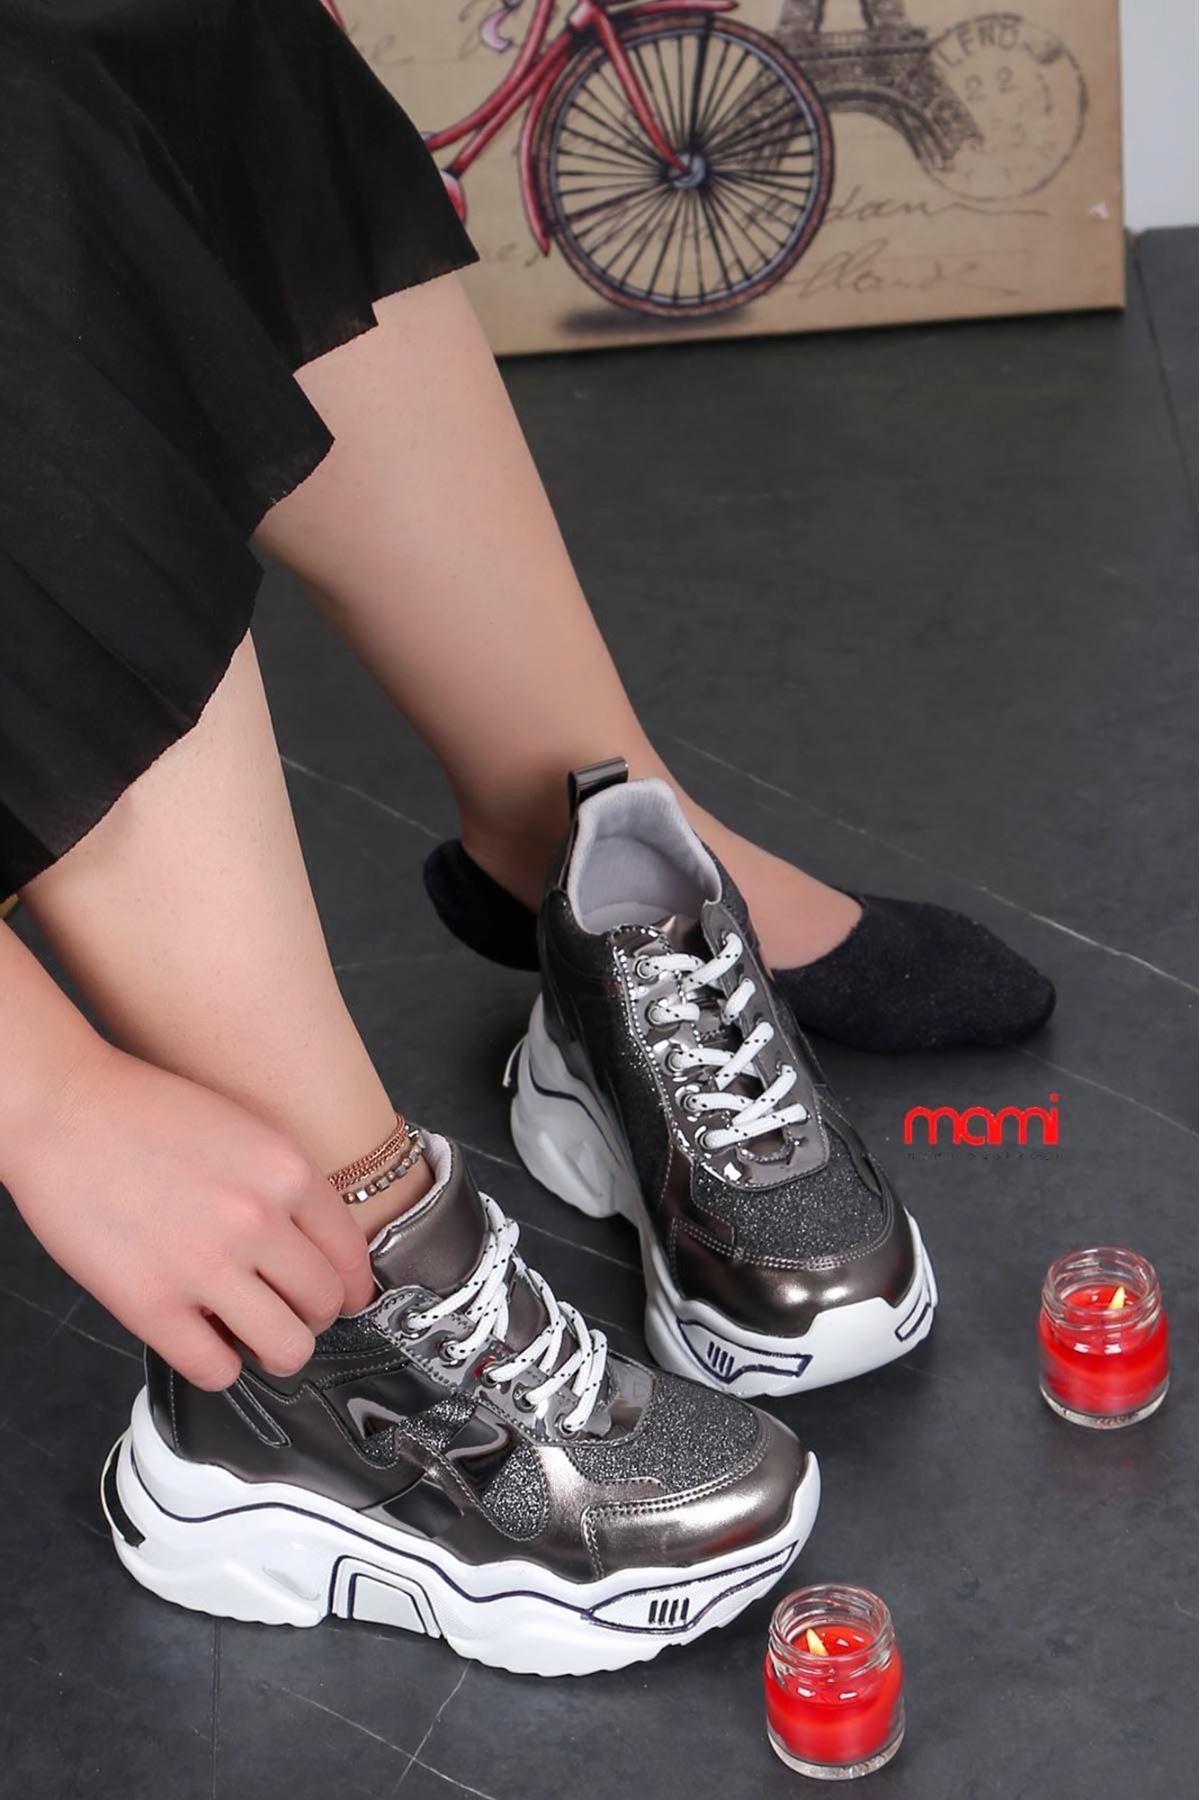 Zr-301 Gizli Topuk Topuk Spor Ayakkabı Platin